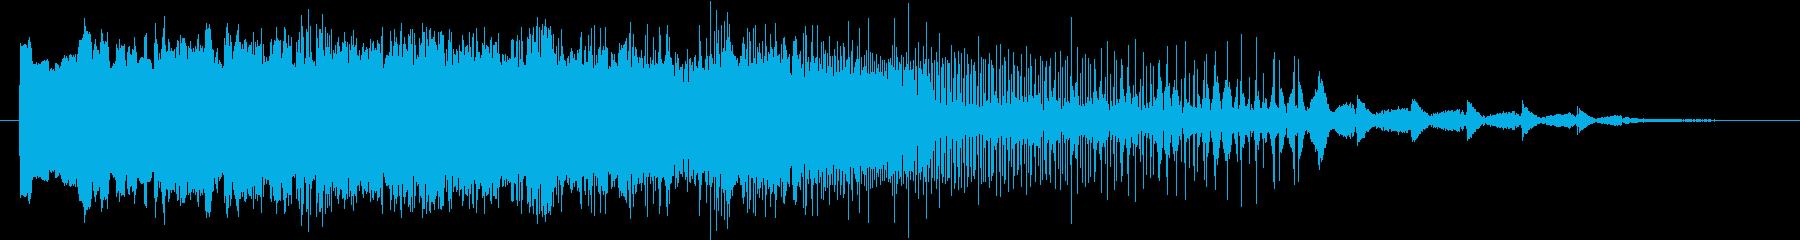 宇宙の中での乗り物の急ブレーキ音の再生済みの波形